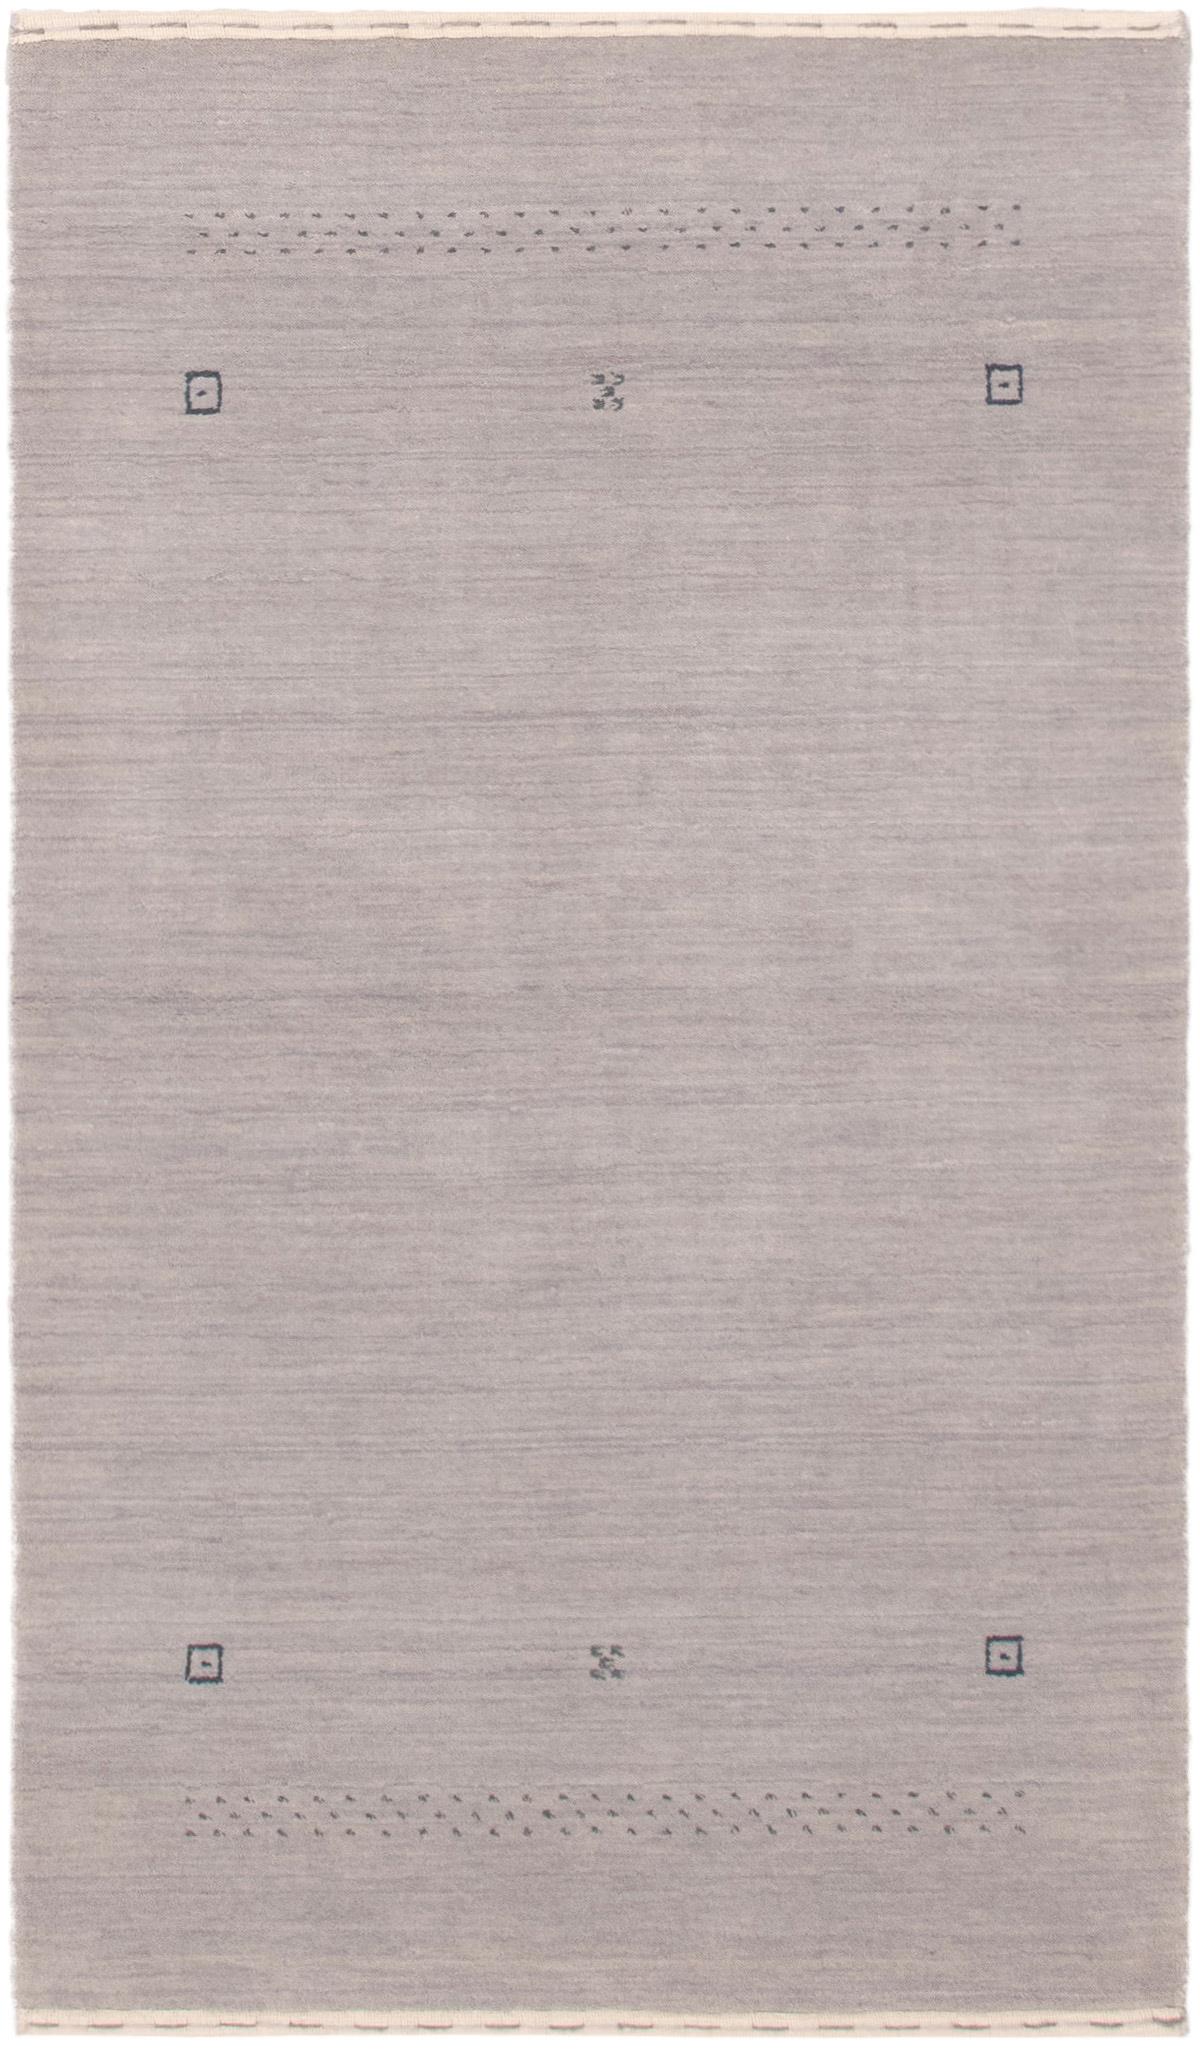 """Hand-knotted Kashkuli Gabbeh Light Blue  Wool Rug 3'0"""" x 5'3""""  Size: 3'0"""" x 5'3"""""""